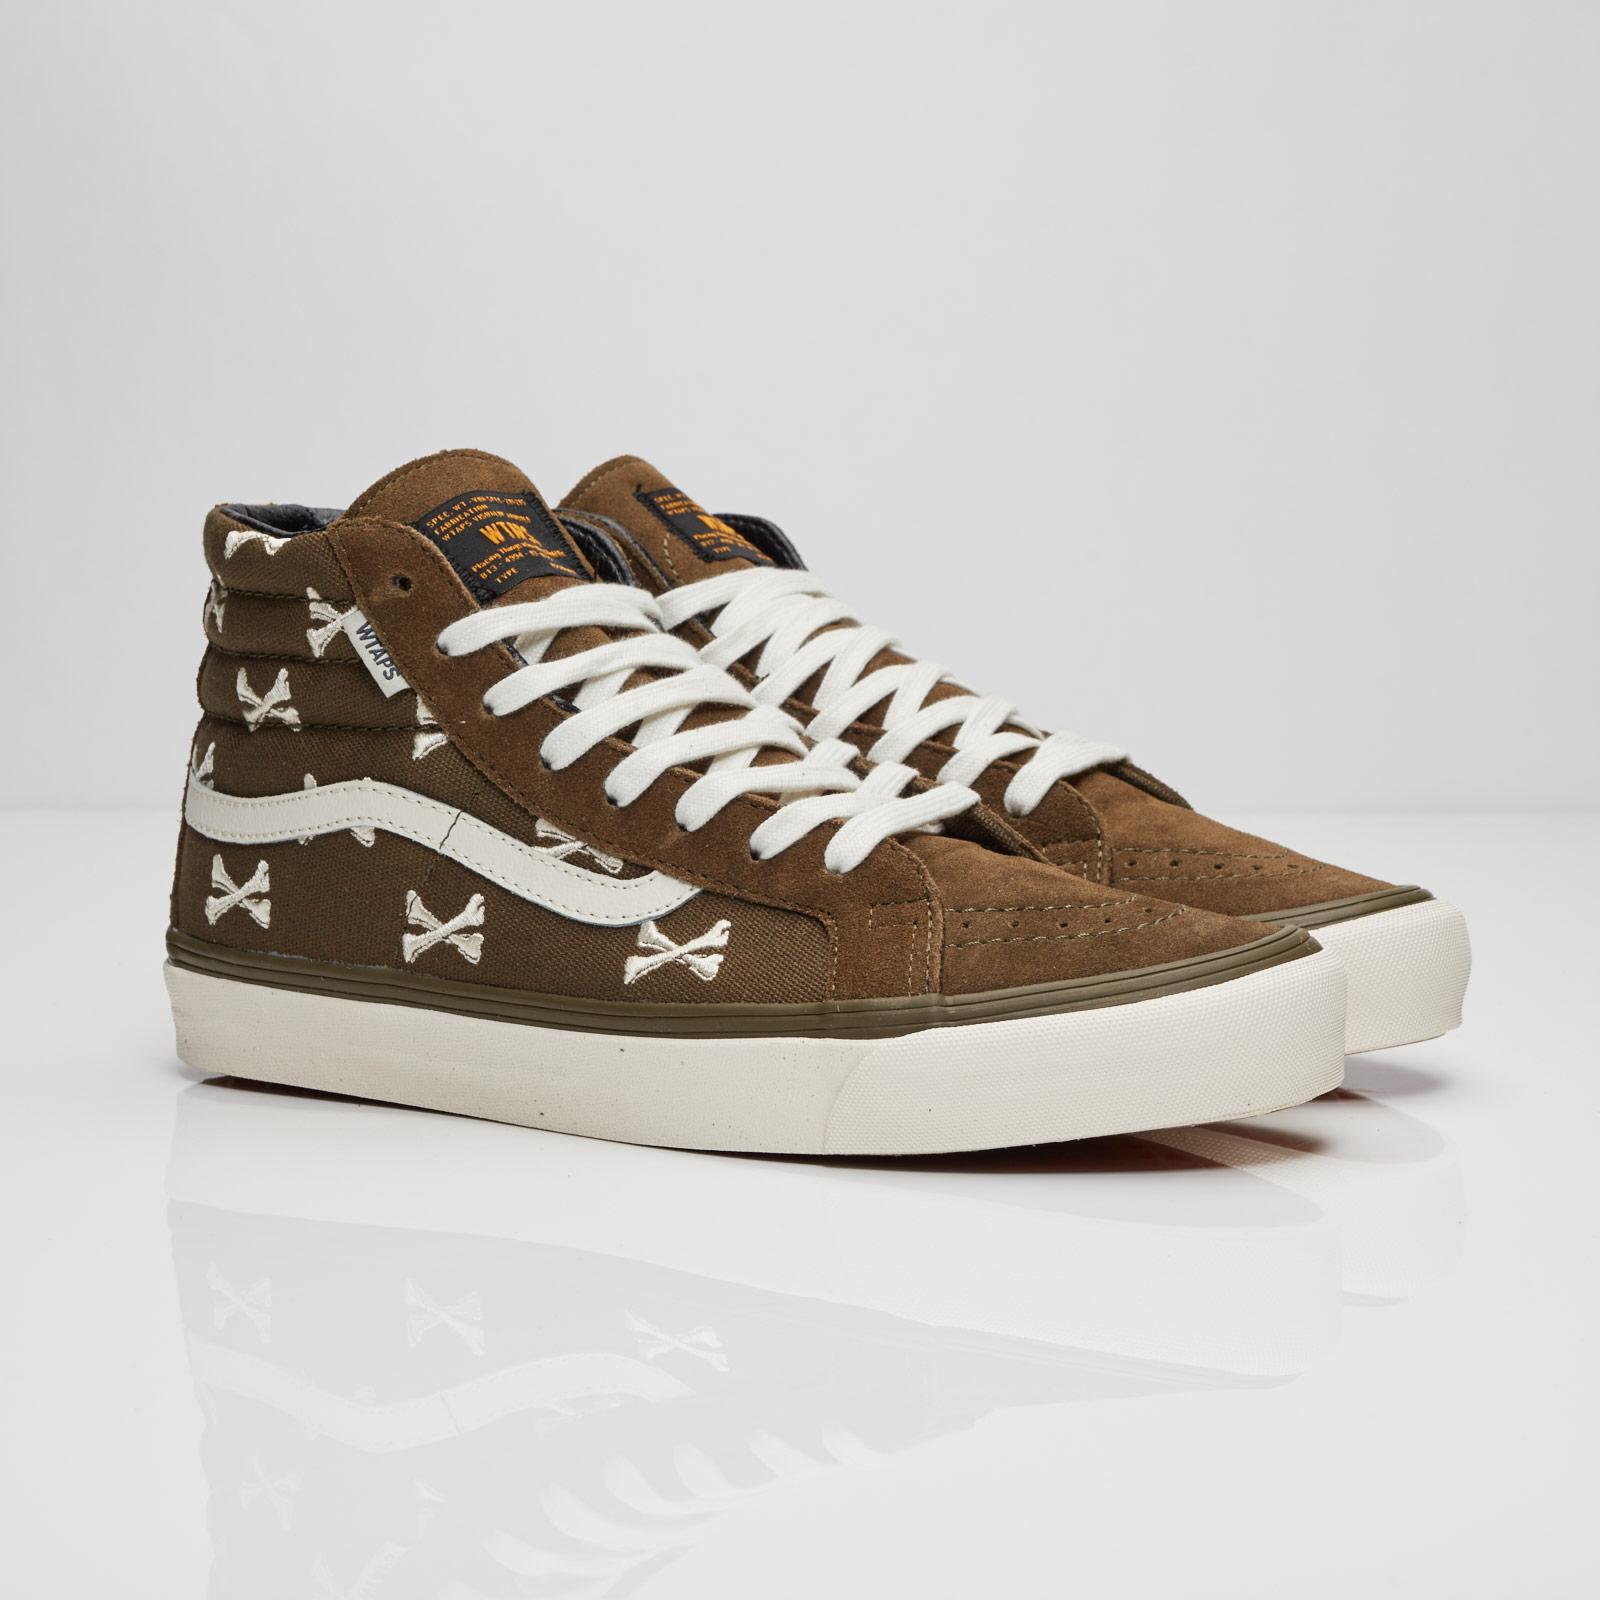 17db5341416 Vans OG Sk8-Hi LX   WTAPS - V003t0kbd - Sneakersnstuff